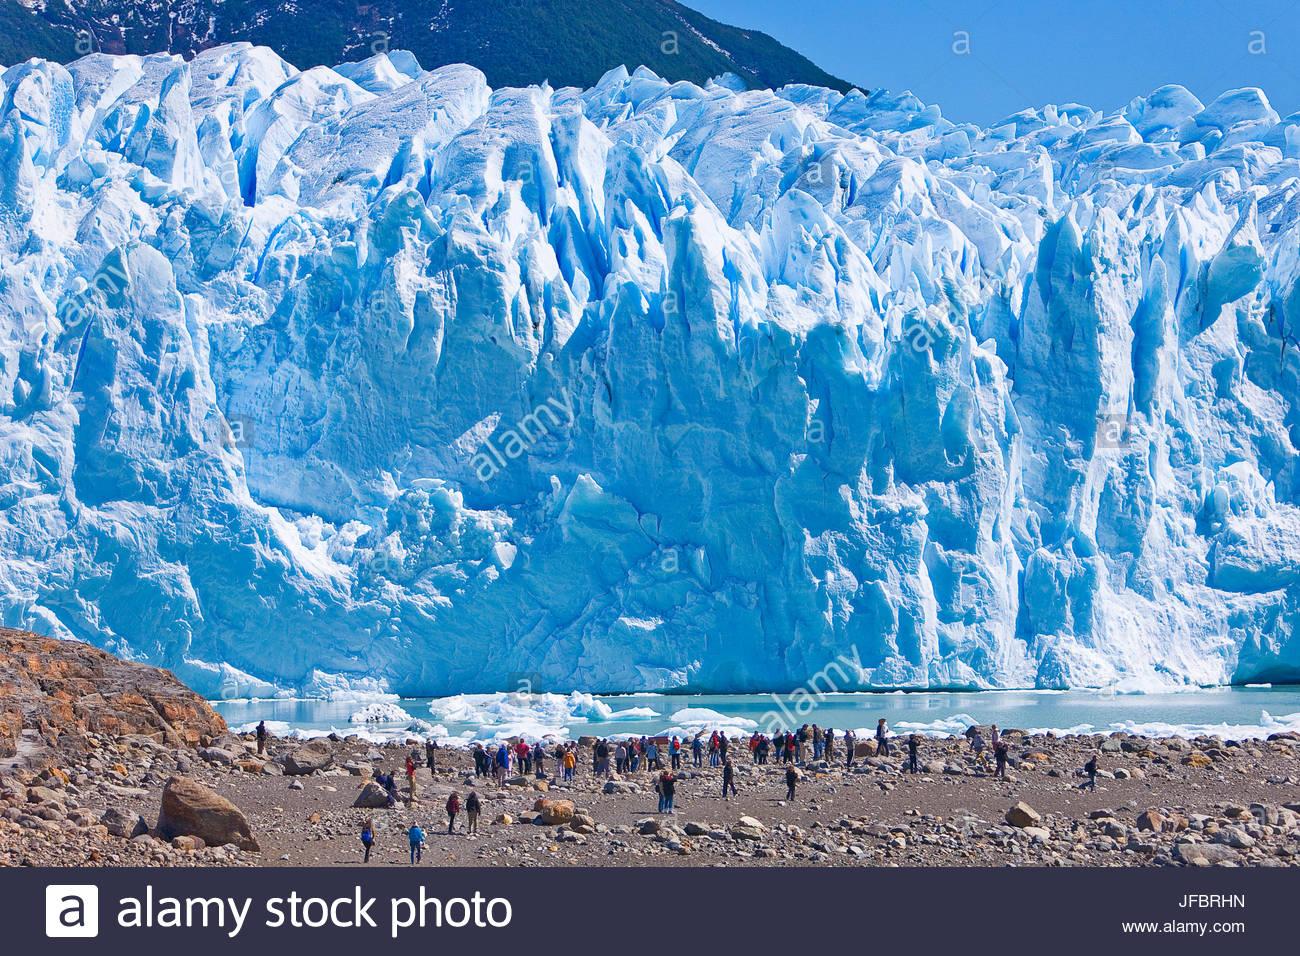 Tourists view the massive front wall of the Perito Moreno glacier in Argentina. - Stock Image